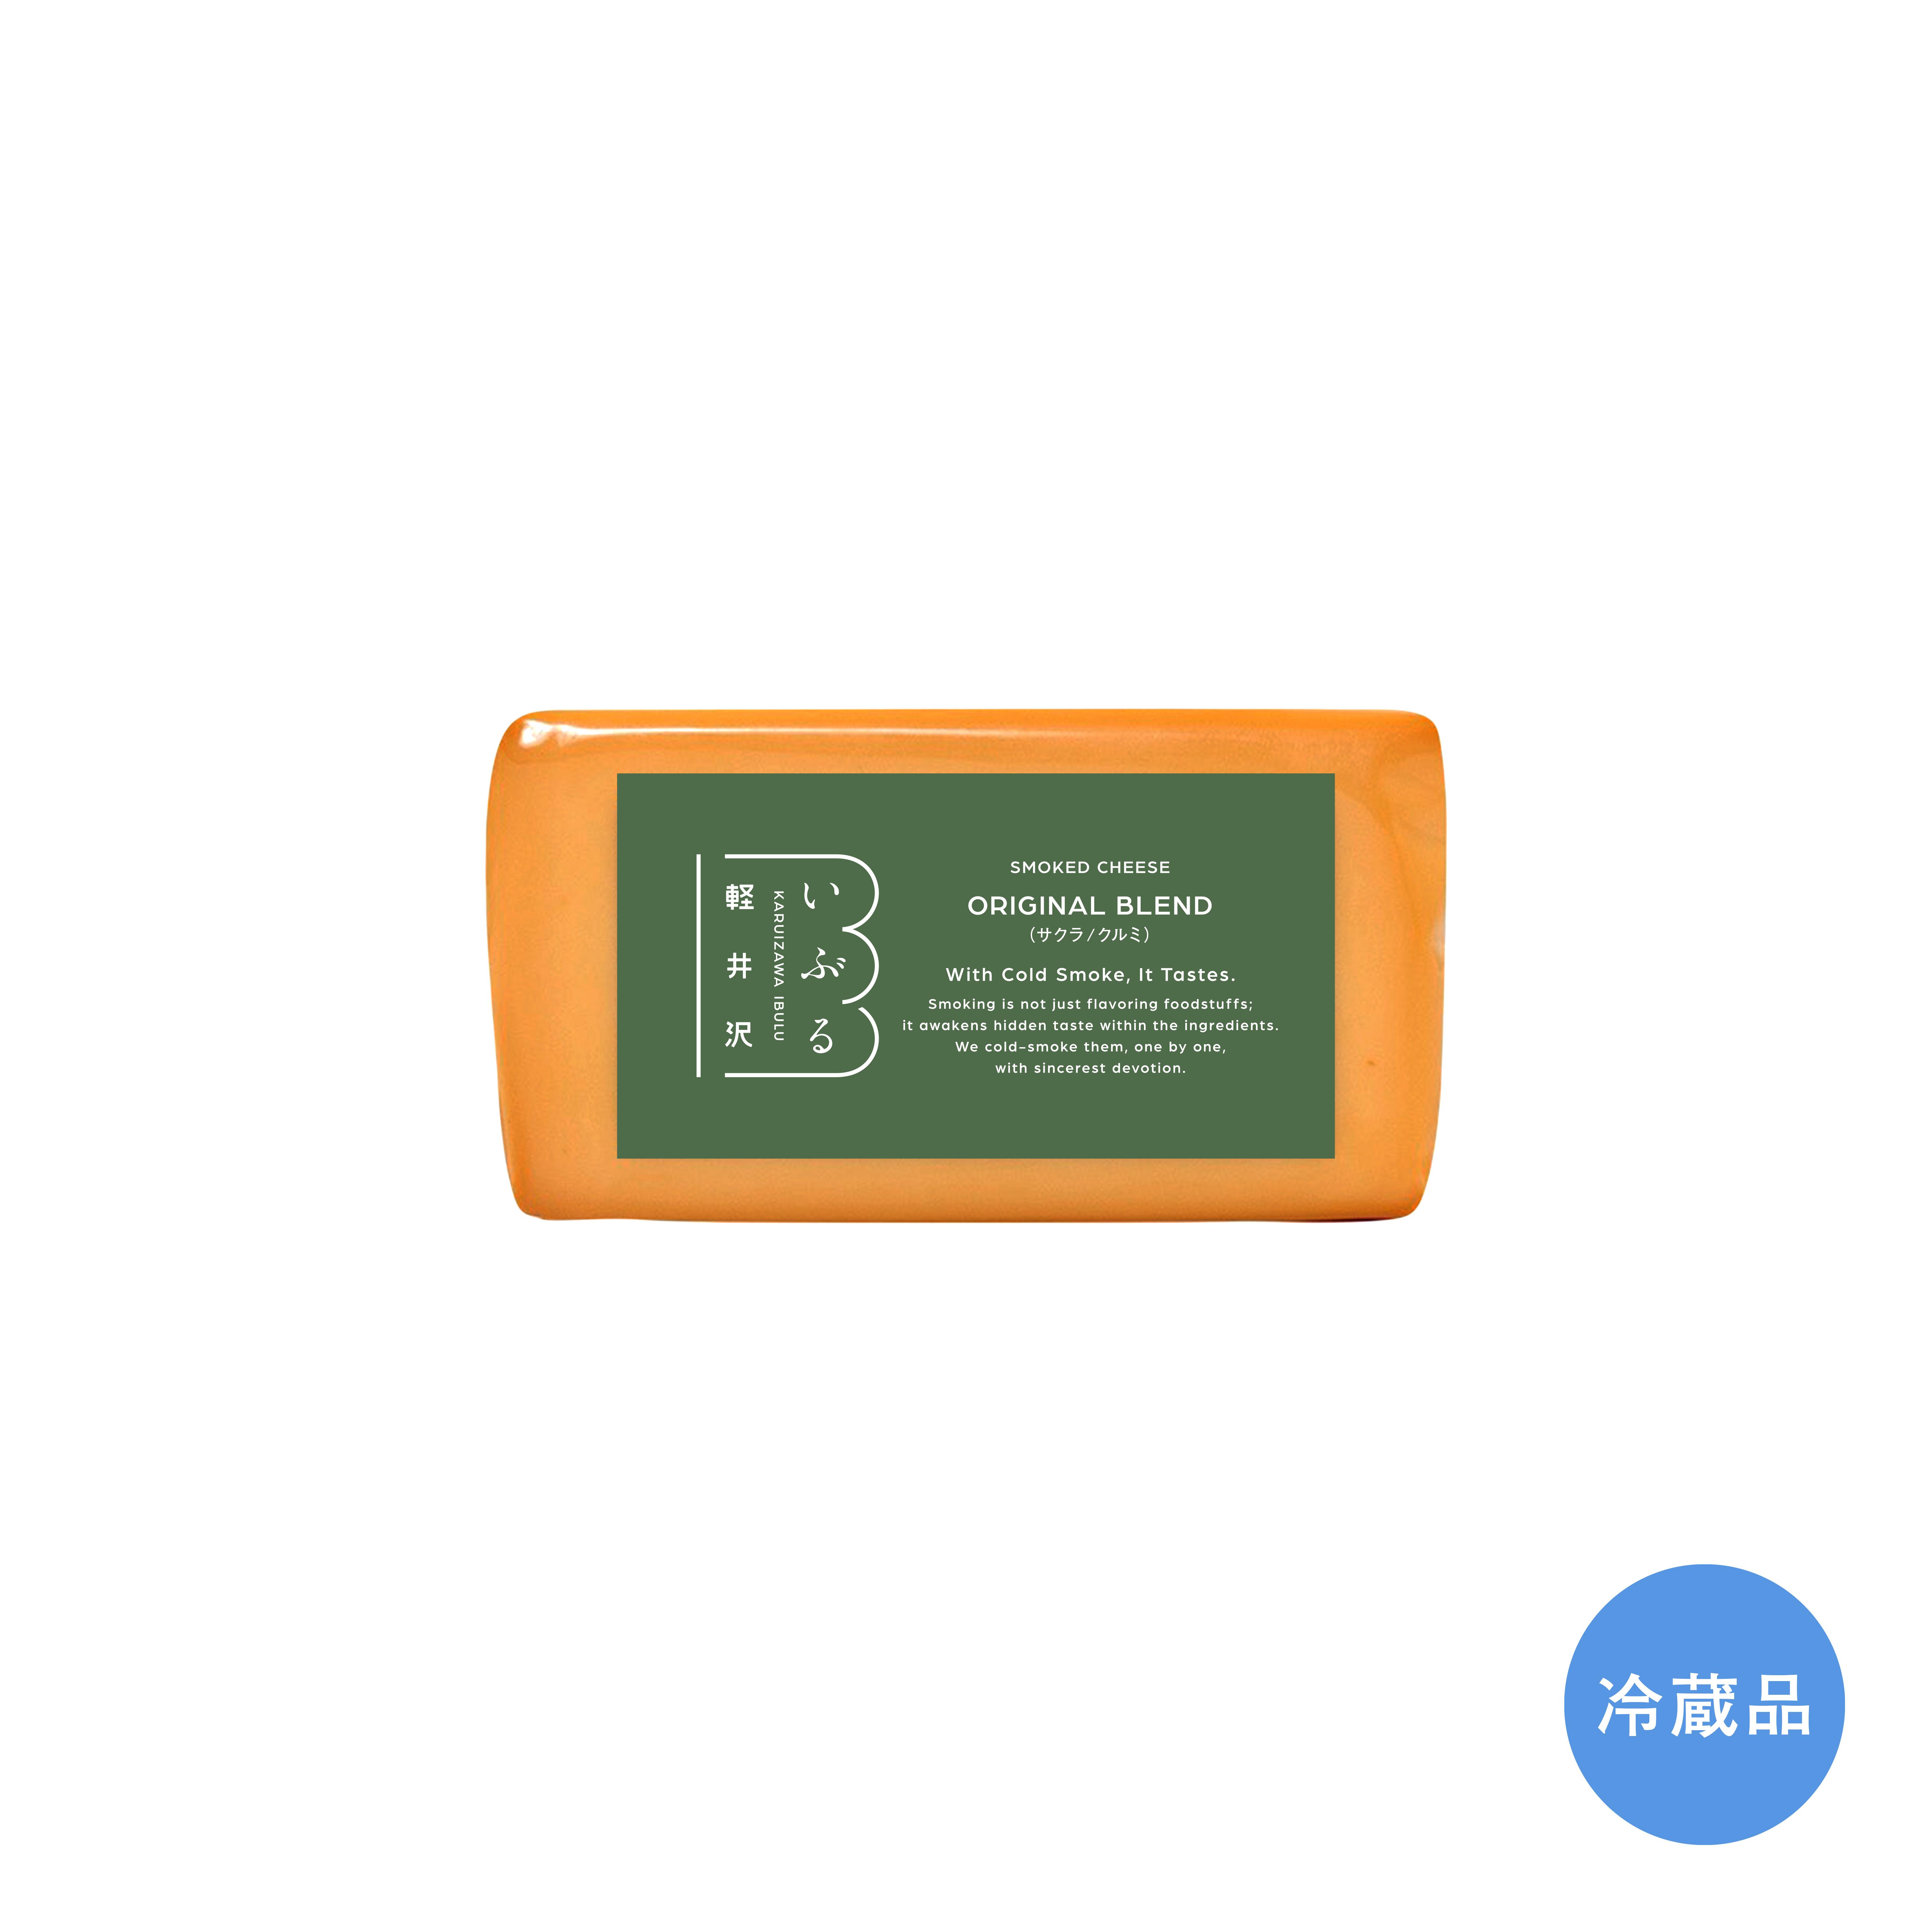 燻製チーズ(オリジナルブレンド)195g